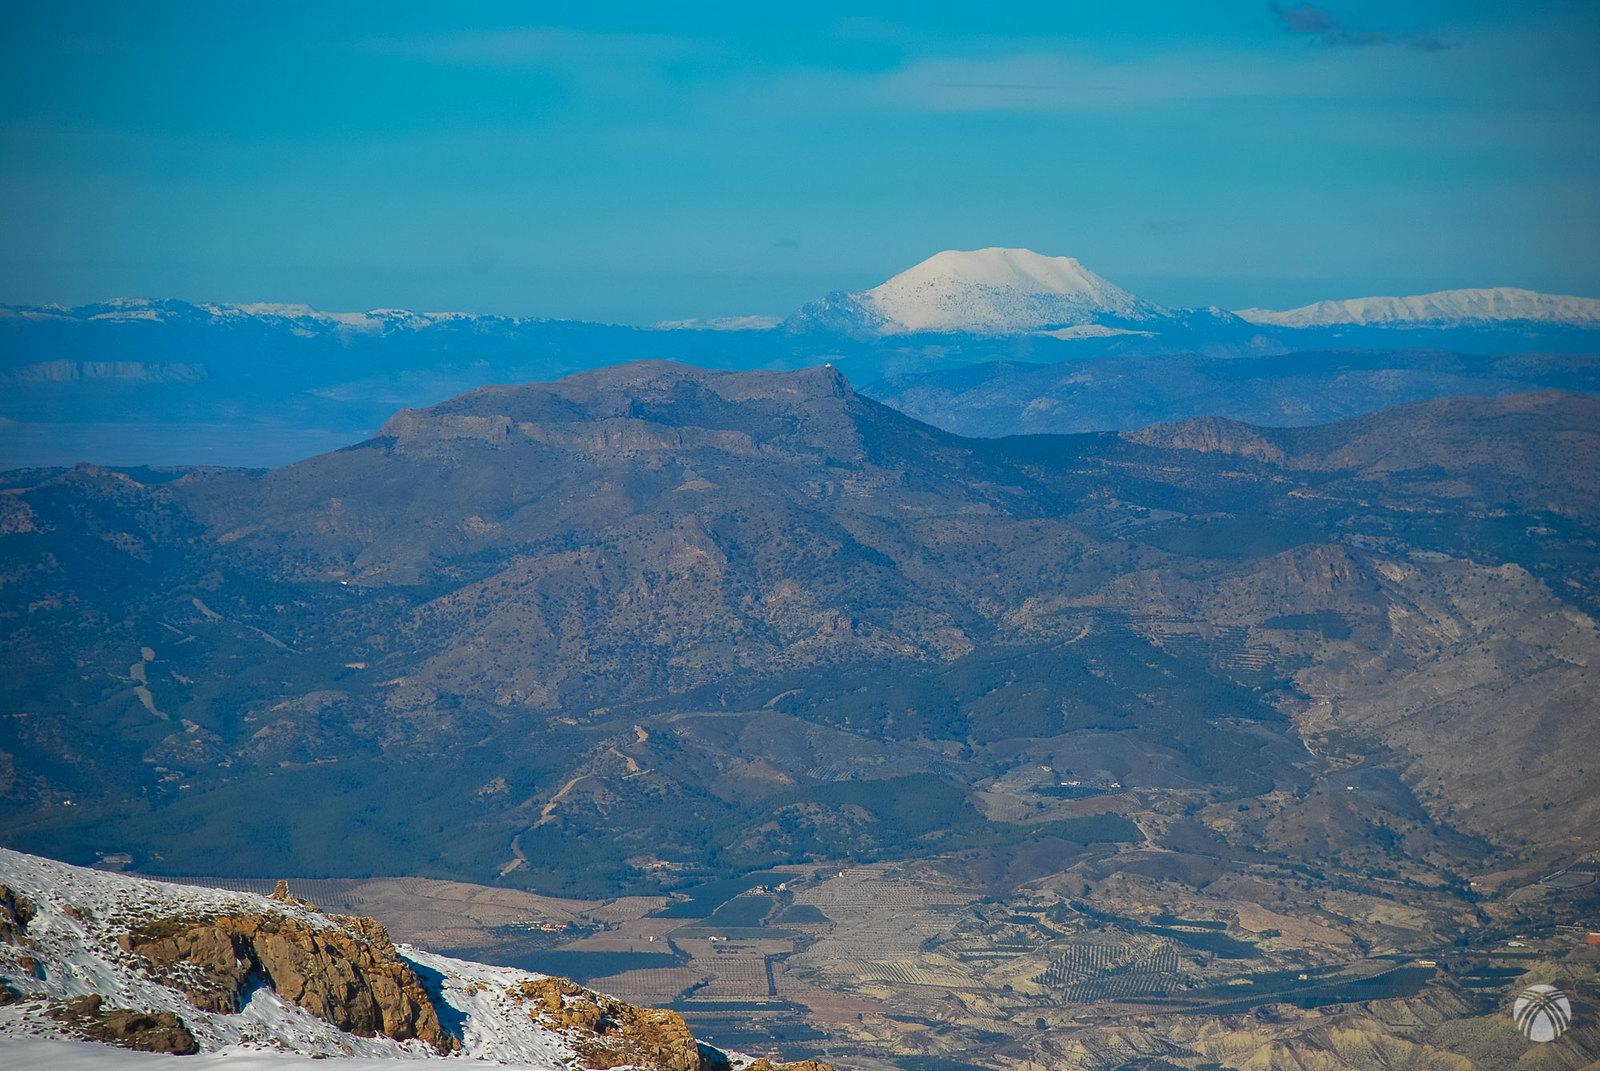 Mirando al noreste: la Sagra y a su derecha la Guillimona